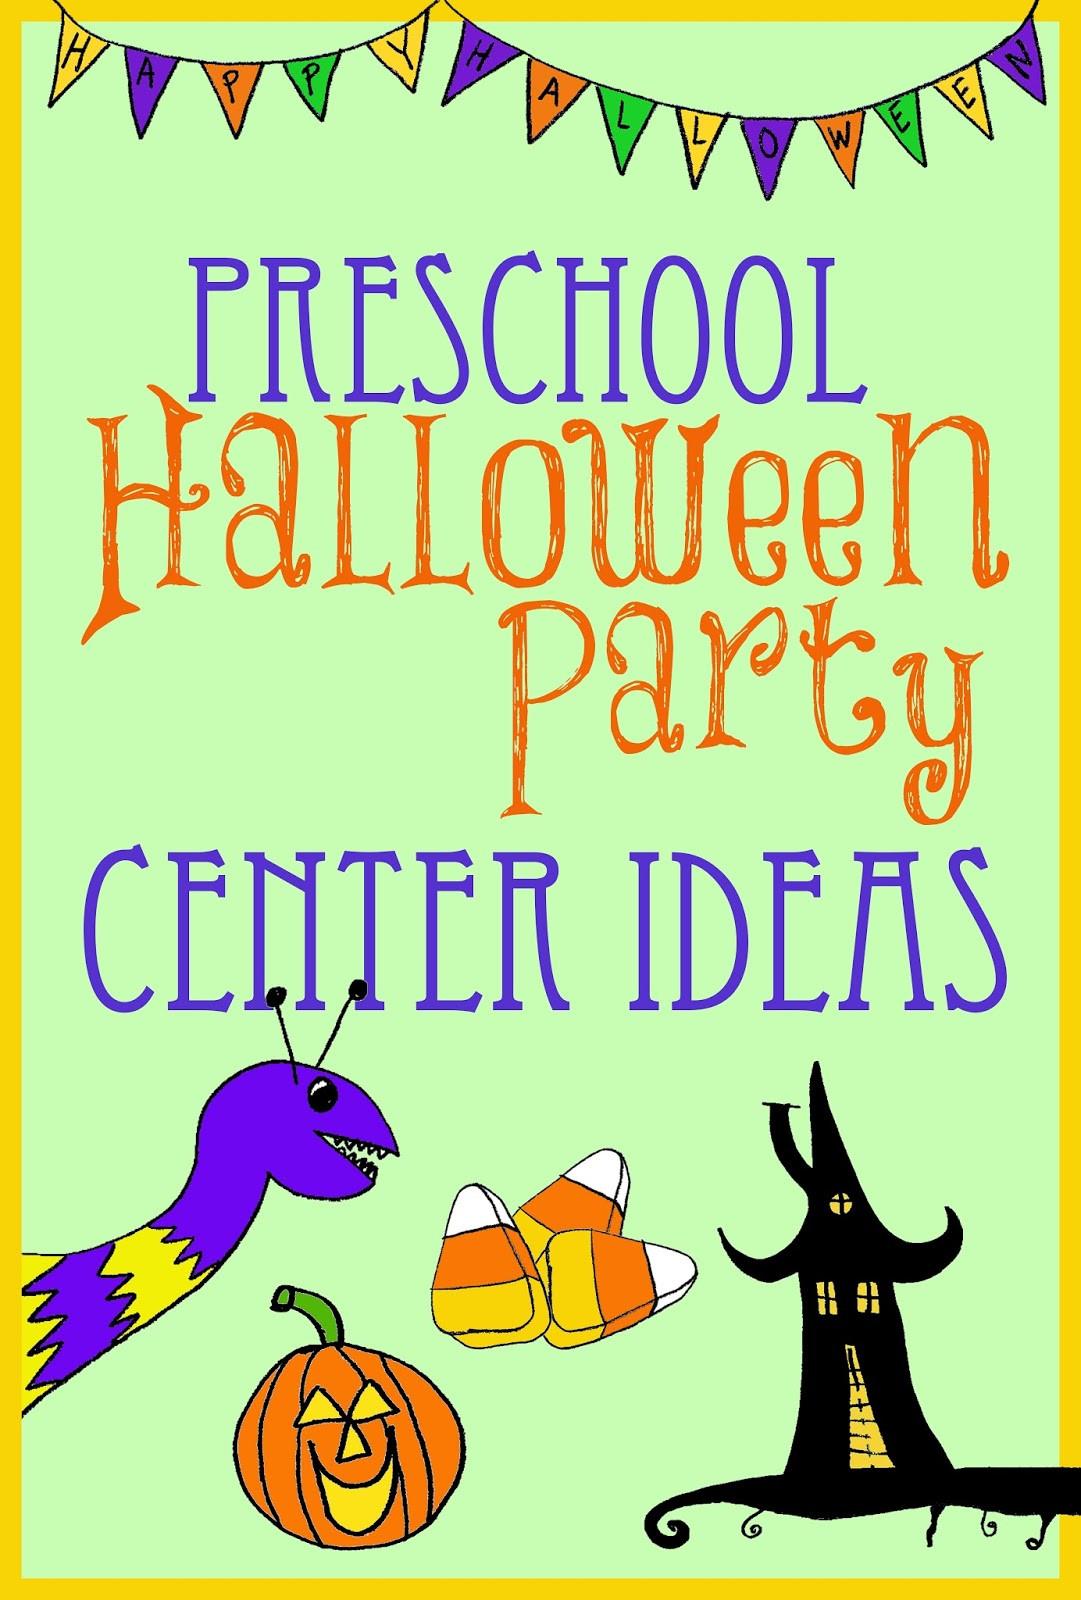 Kindergarten Halloween Party Ideas  Halloween Party Center Ideas for Preschool Kindergarten